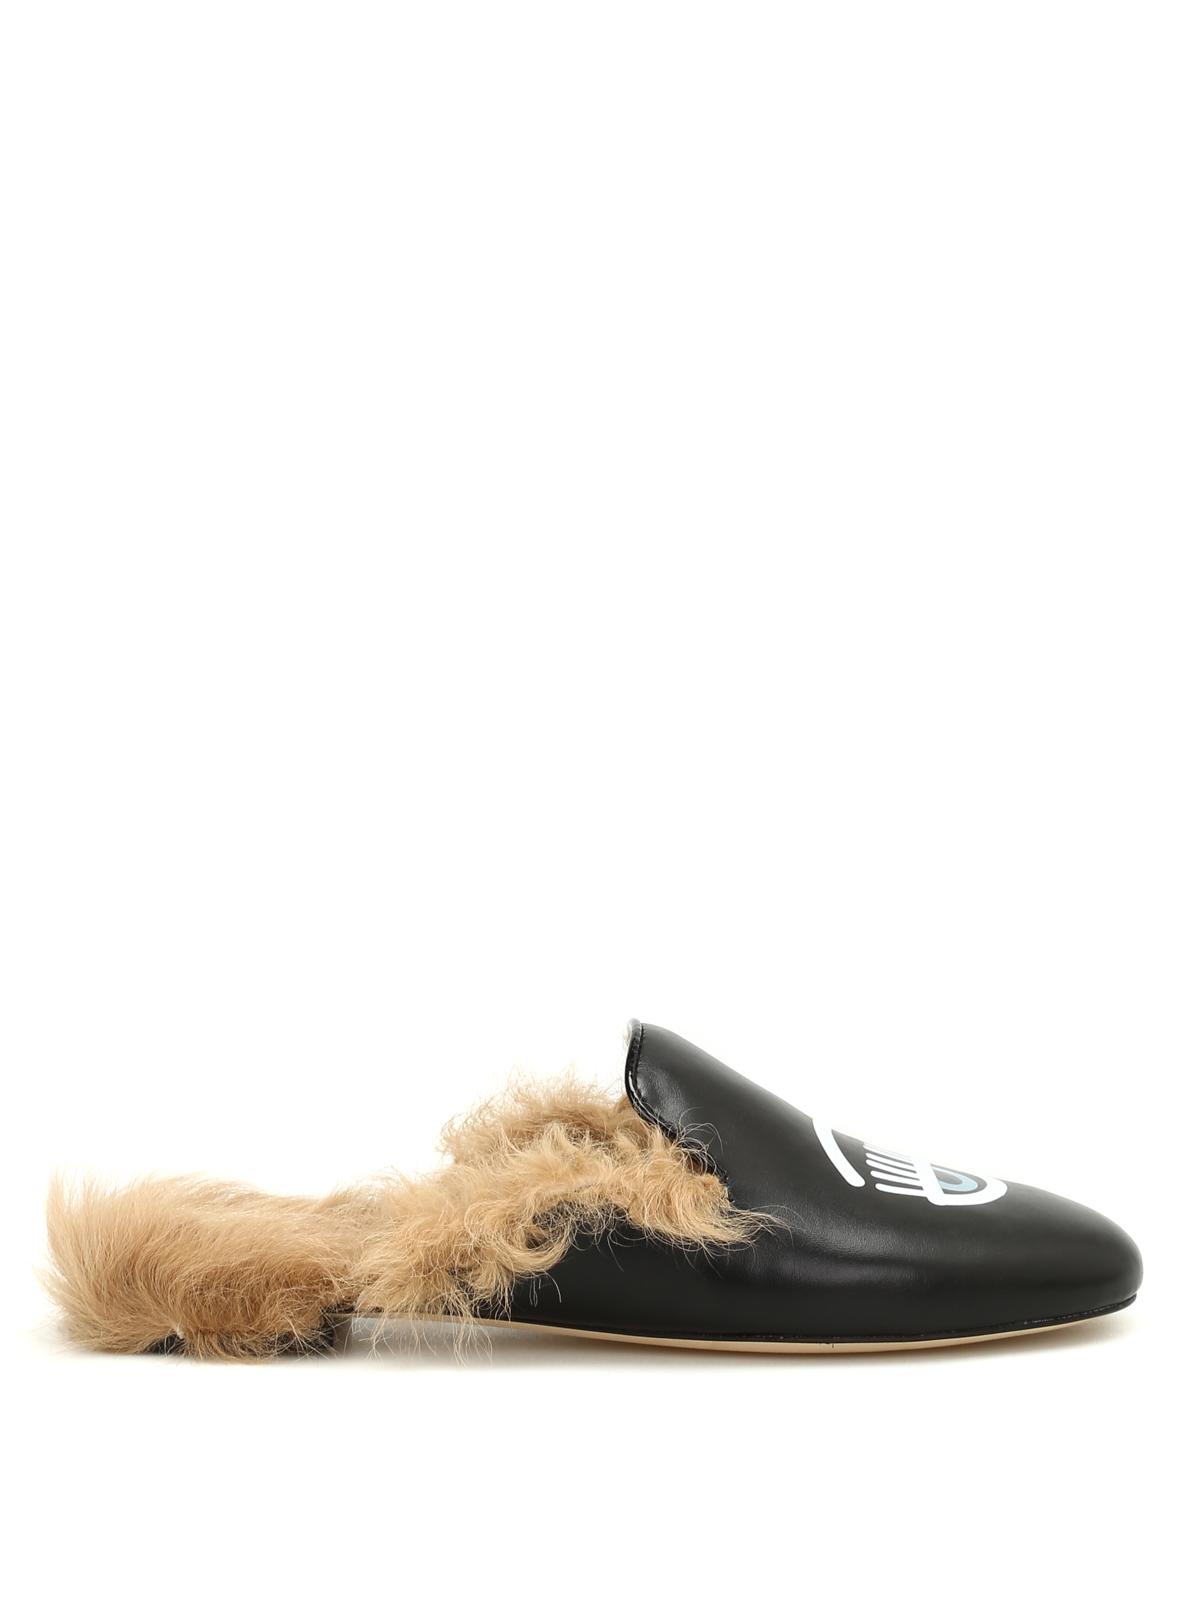 vendita a basso prezzo ottenere a buon mercato grande qualità Chiara Ferragni - Flirting faux fur insert slippers - mules shoes ...